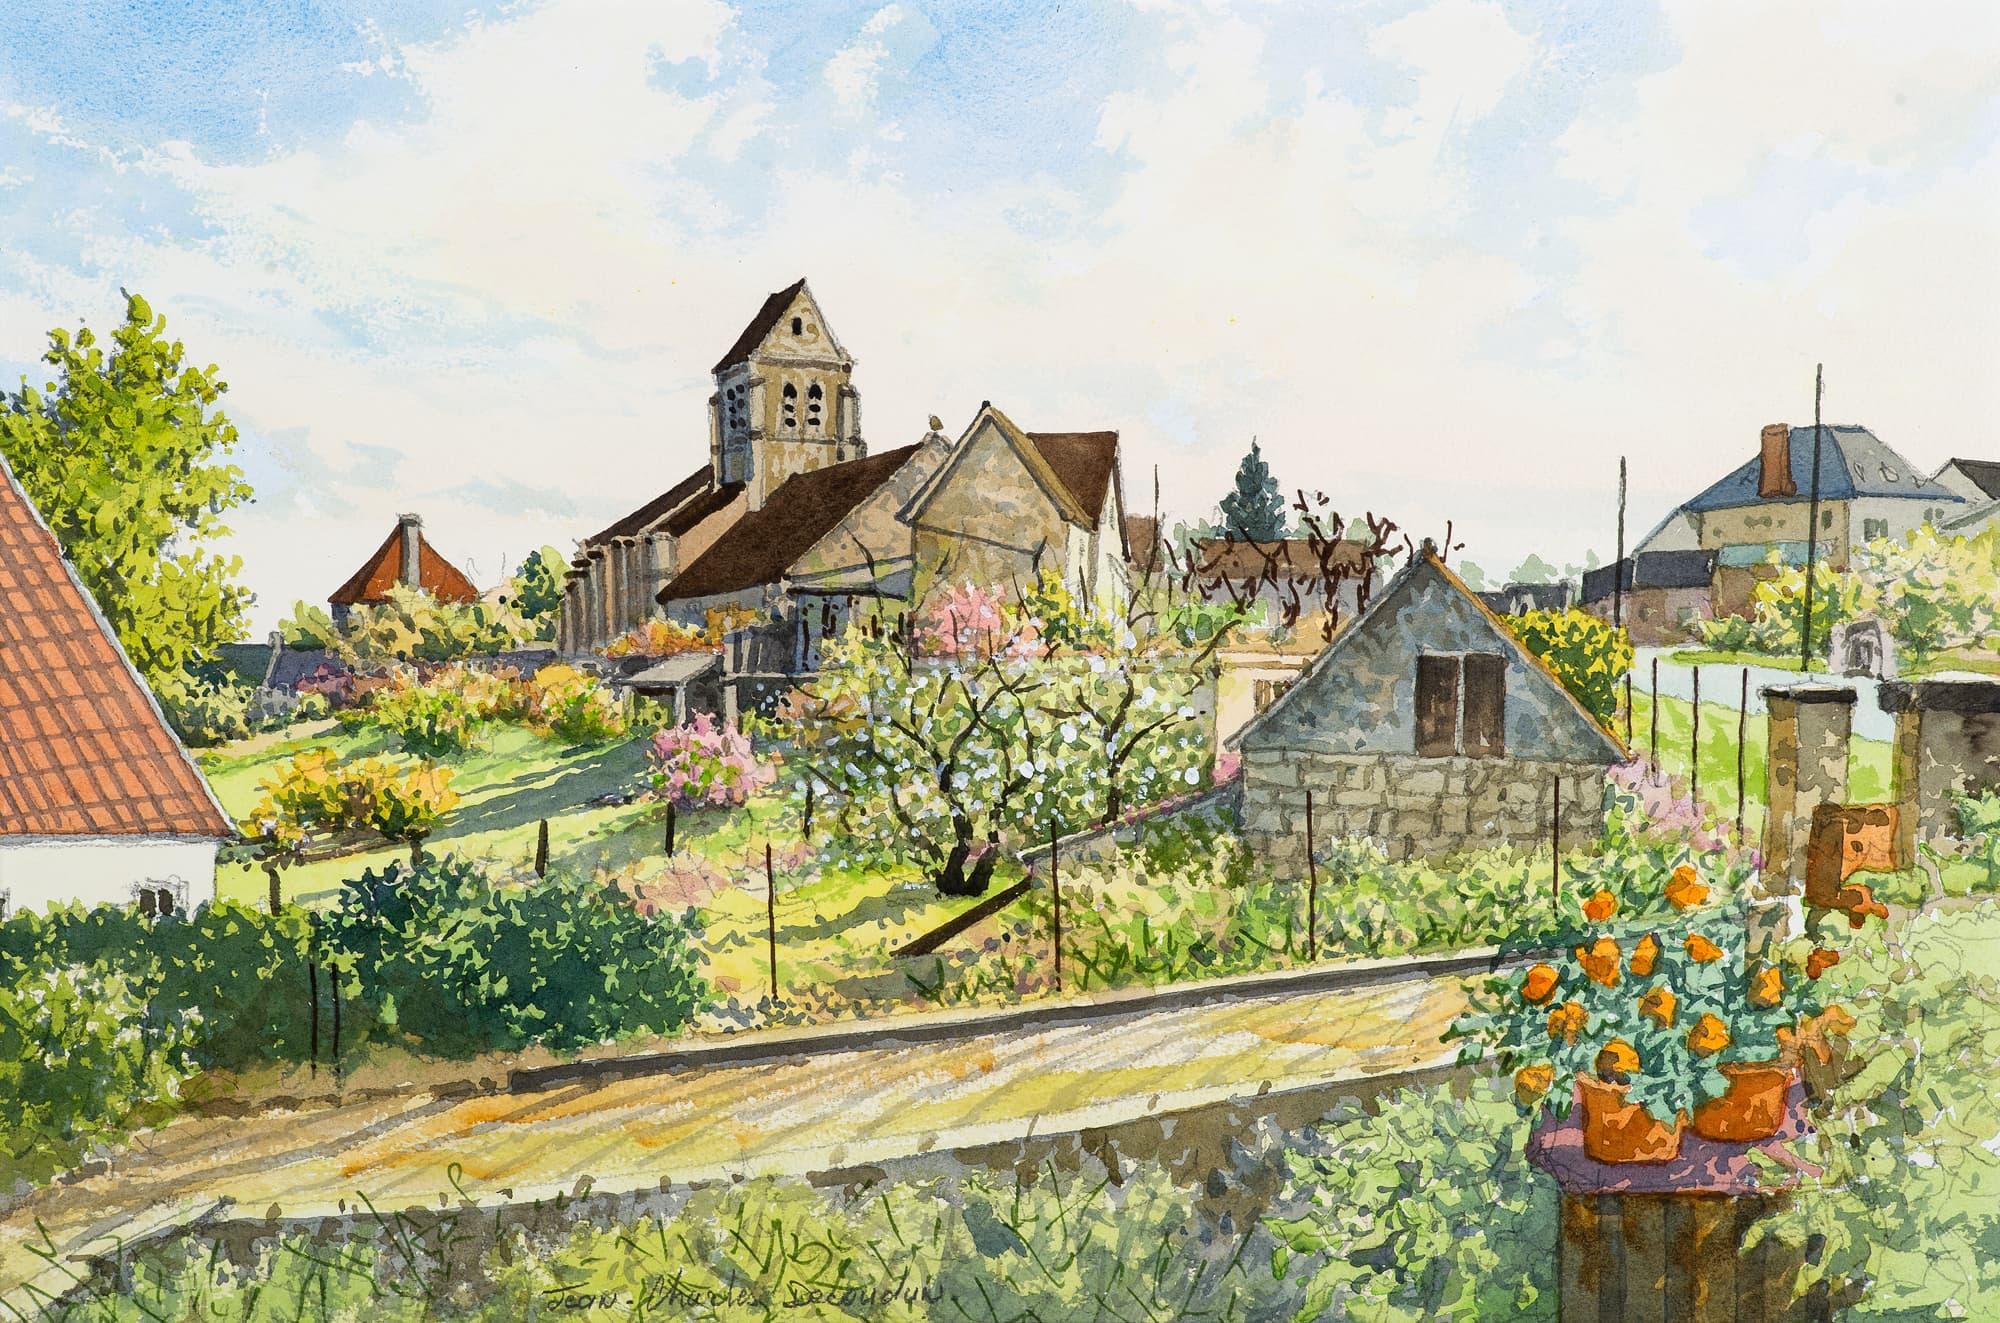 Villers-Hélon